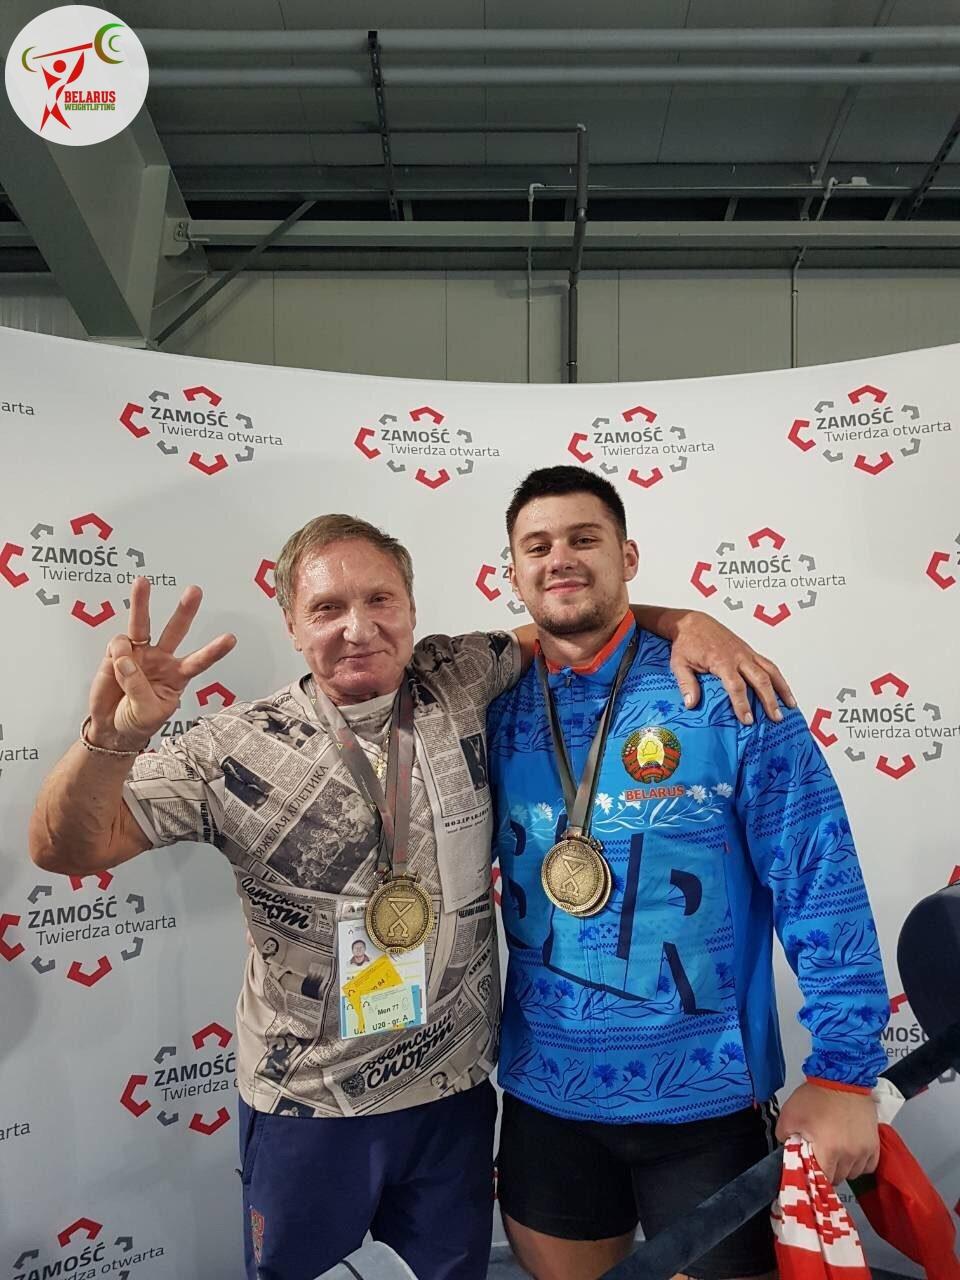 Яўген Тихонцов і Віктар Шершуков